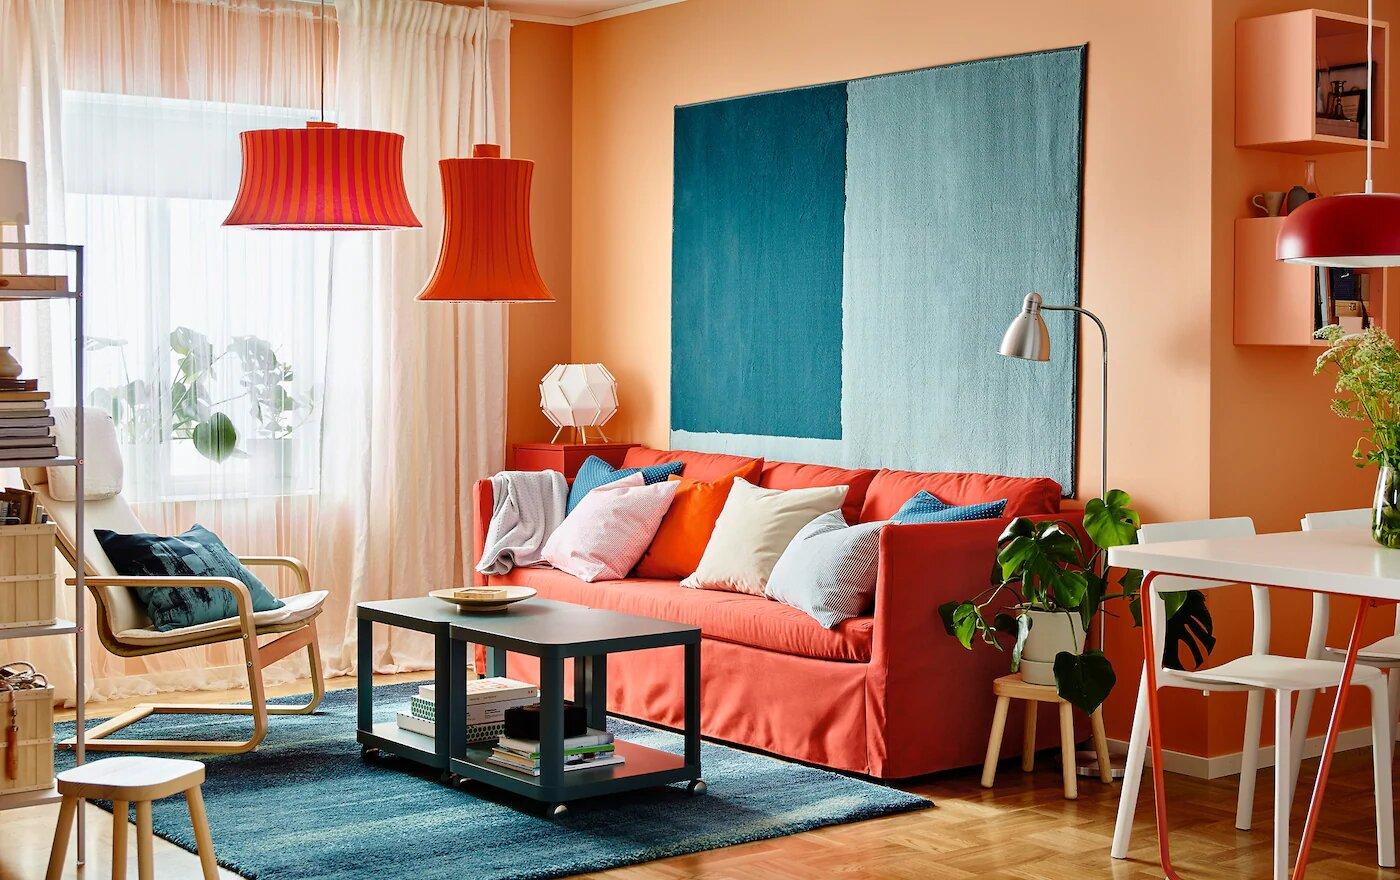 Housse Canap C3 83 Ikea Une Housse Sur Mesure Pour Mon Canape D Angle Ikea La